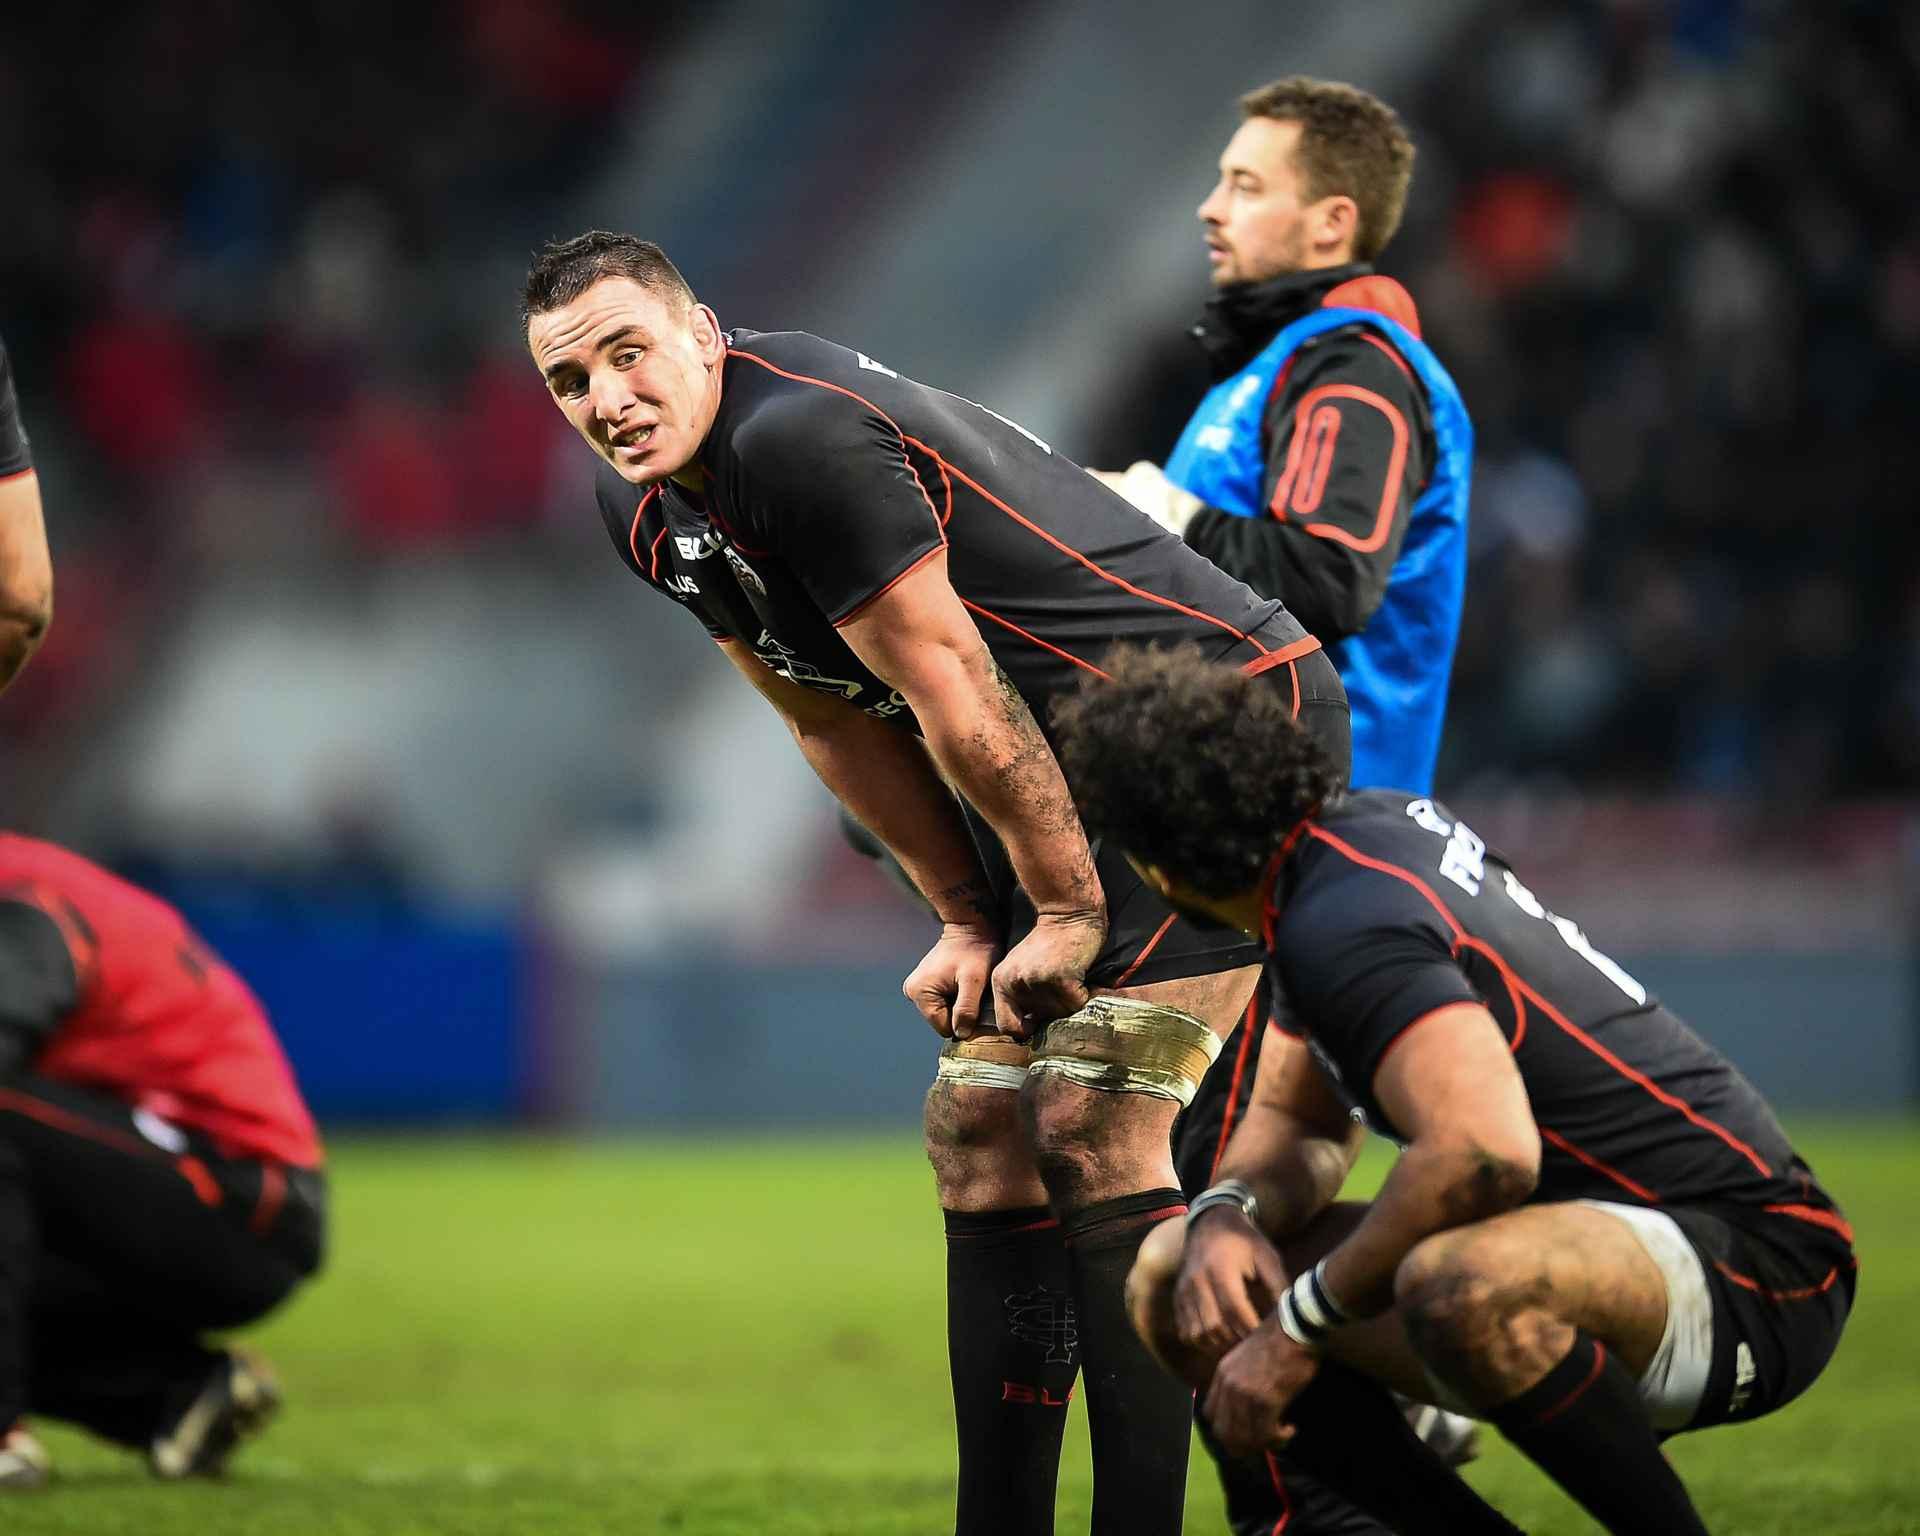 Xv de france picamoles attend la liste contre l 39 italie - Resultat coupe d europe de rugby en direct ...